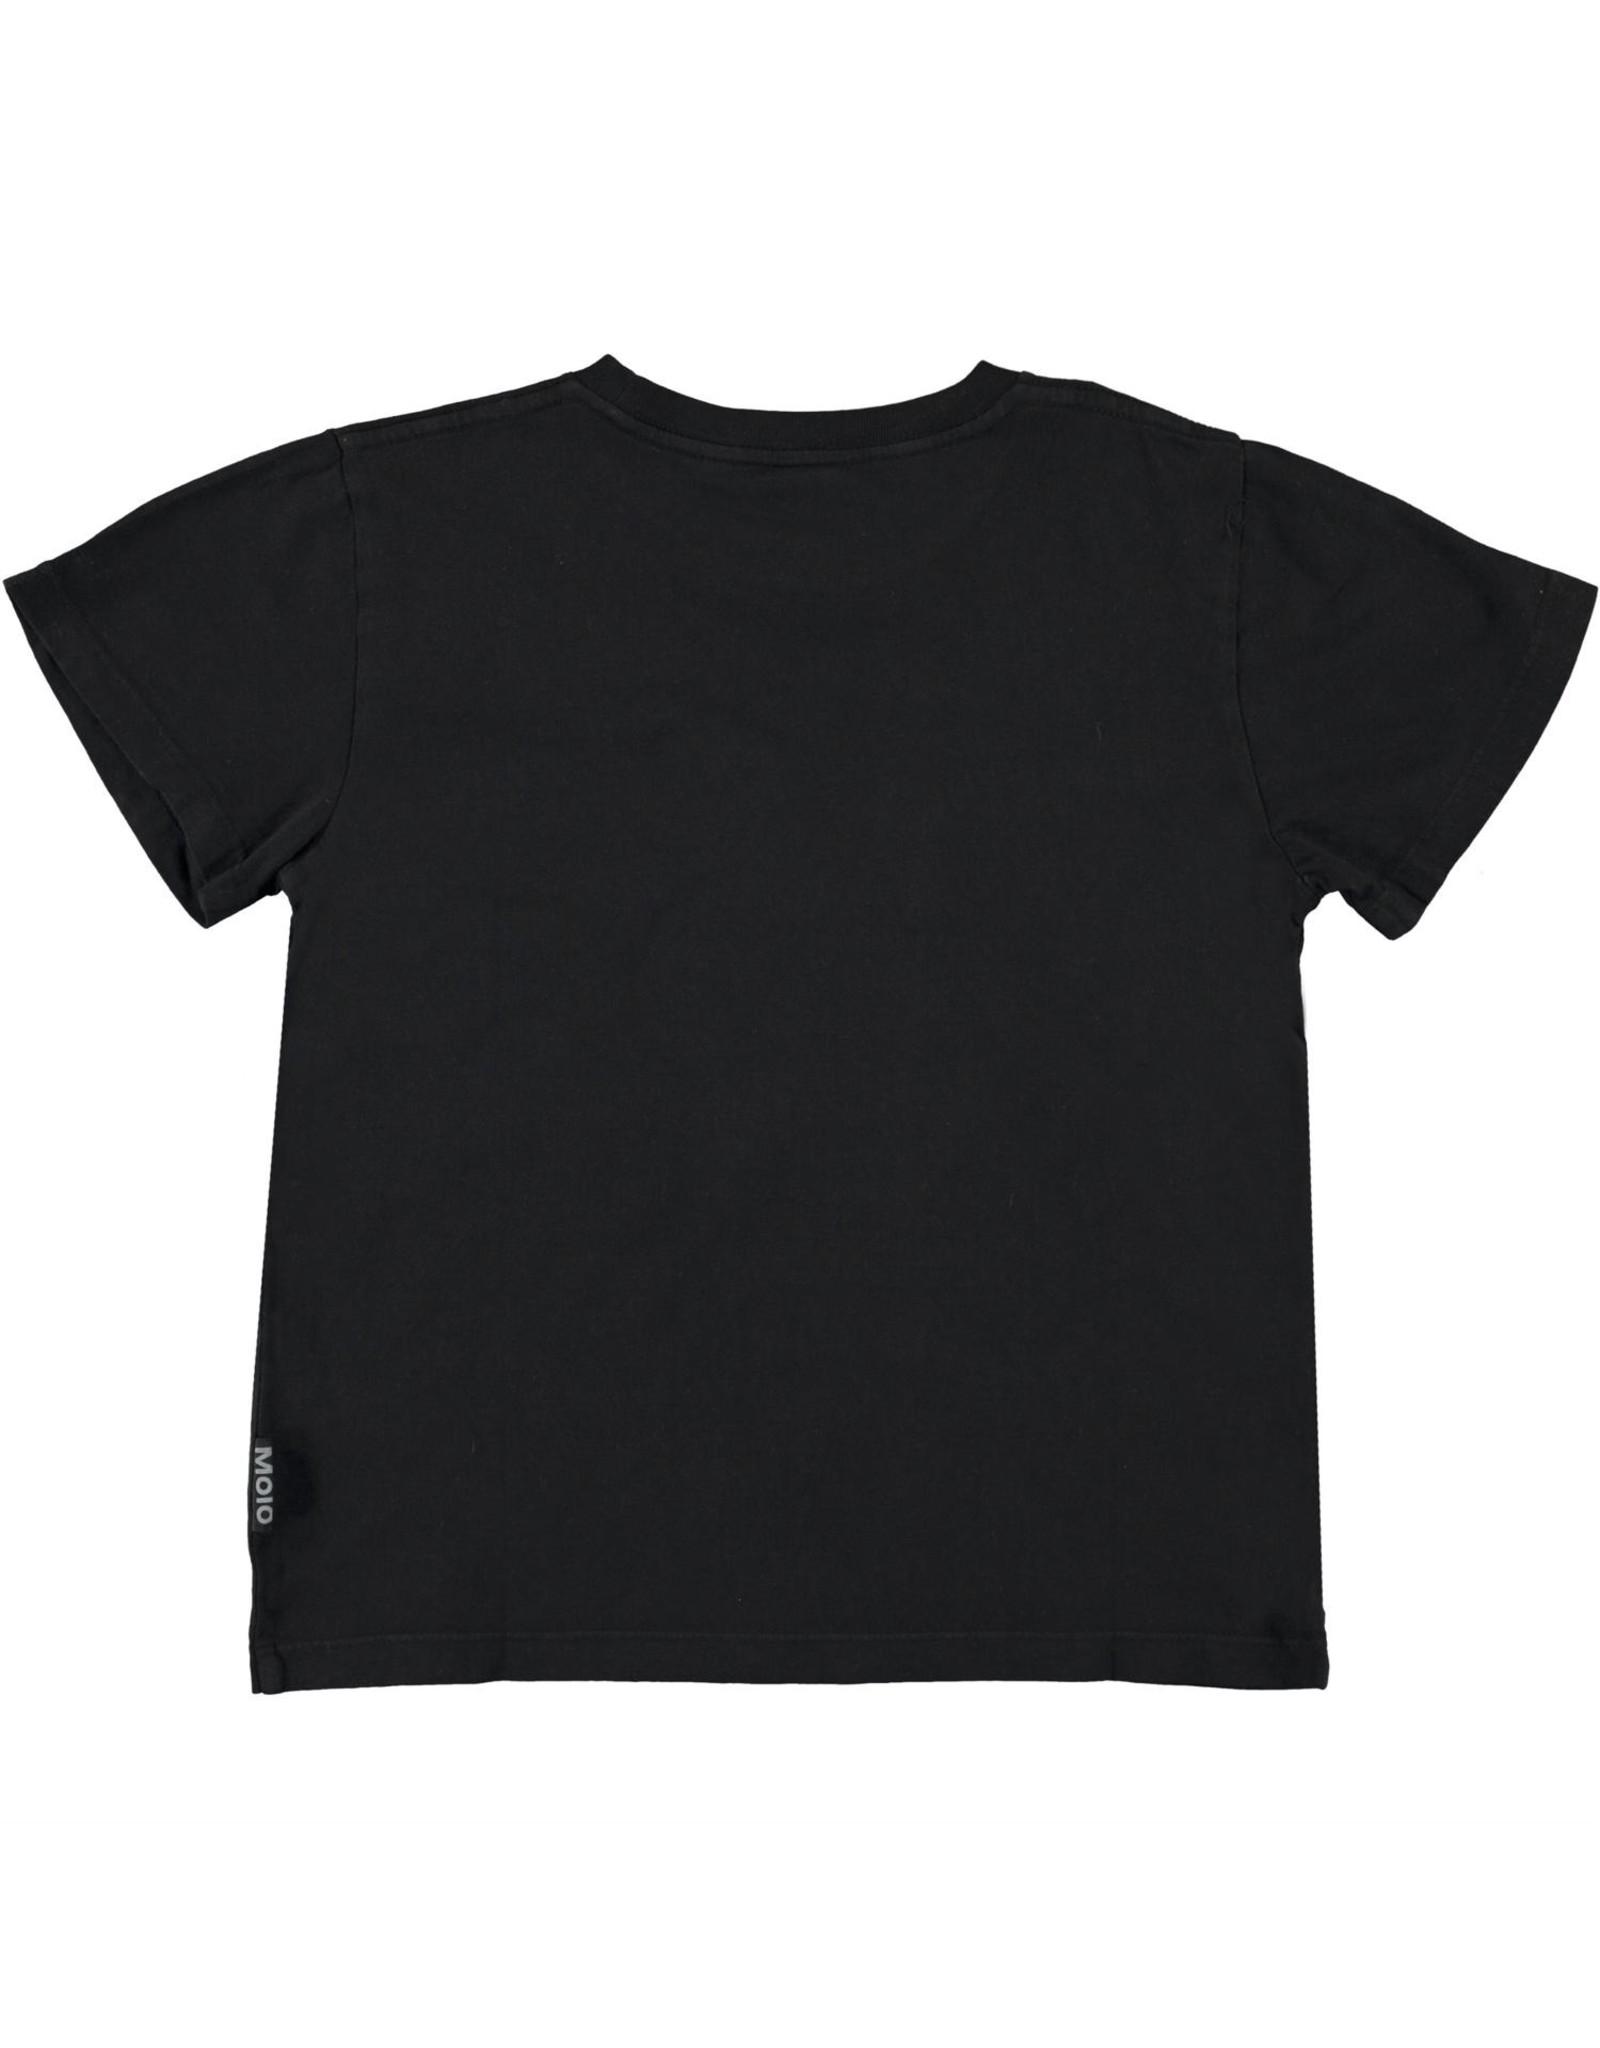 Molo Molo T-shirt Rame black